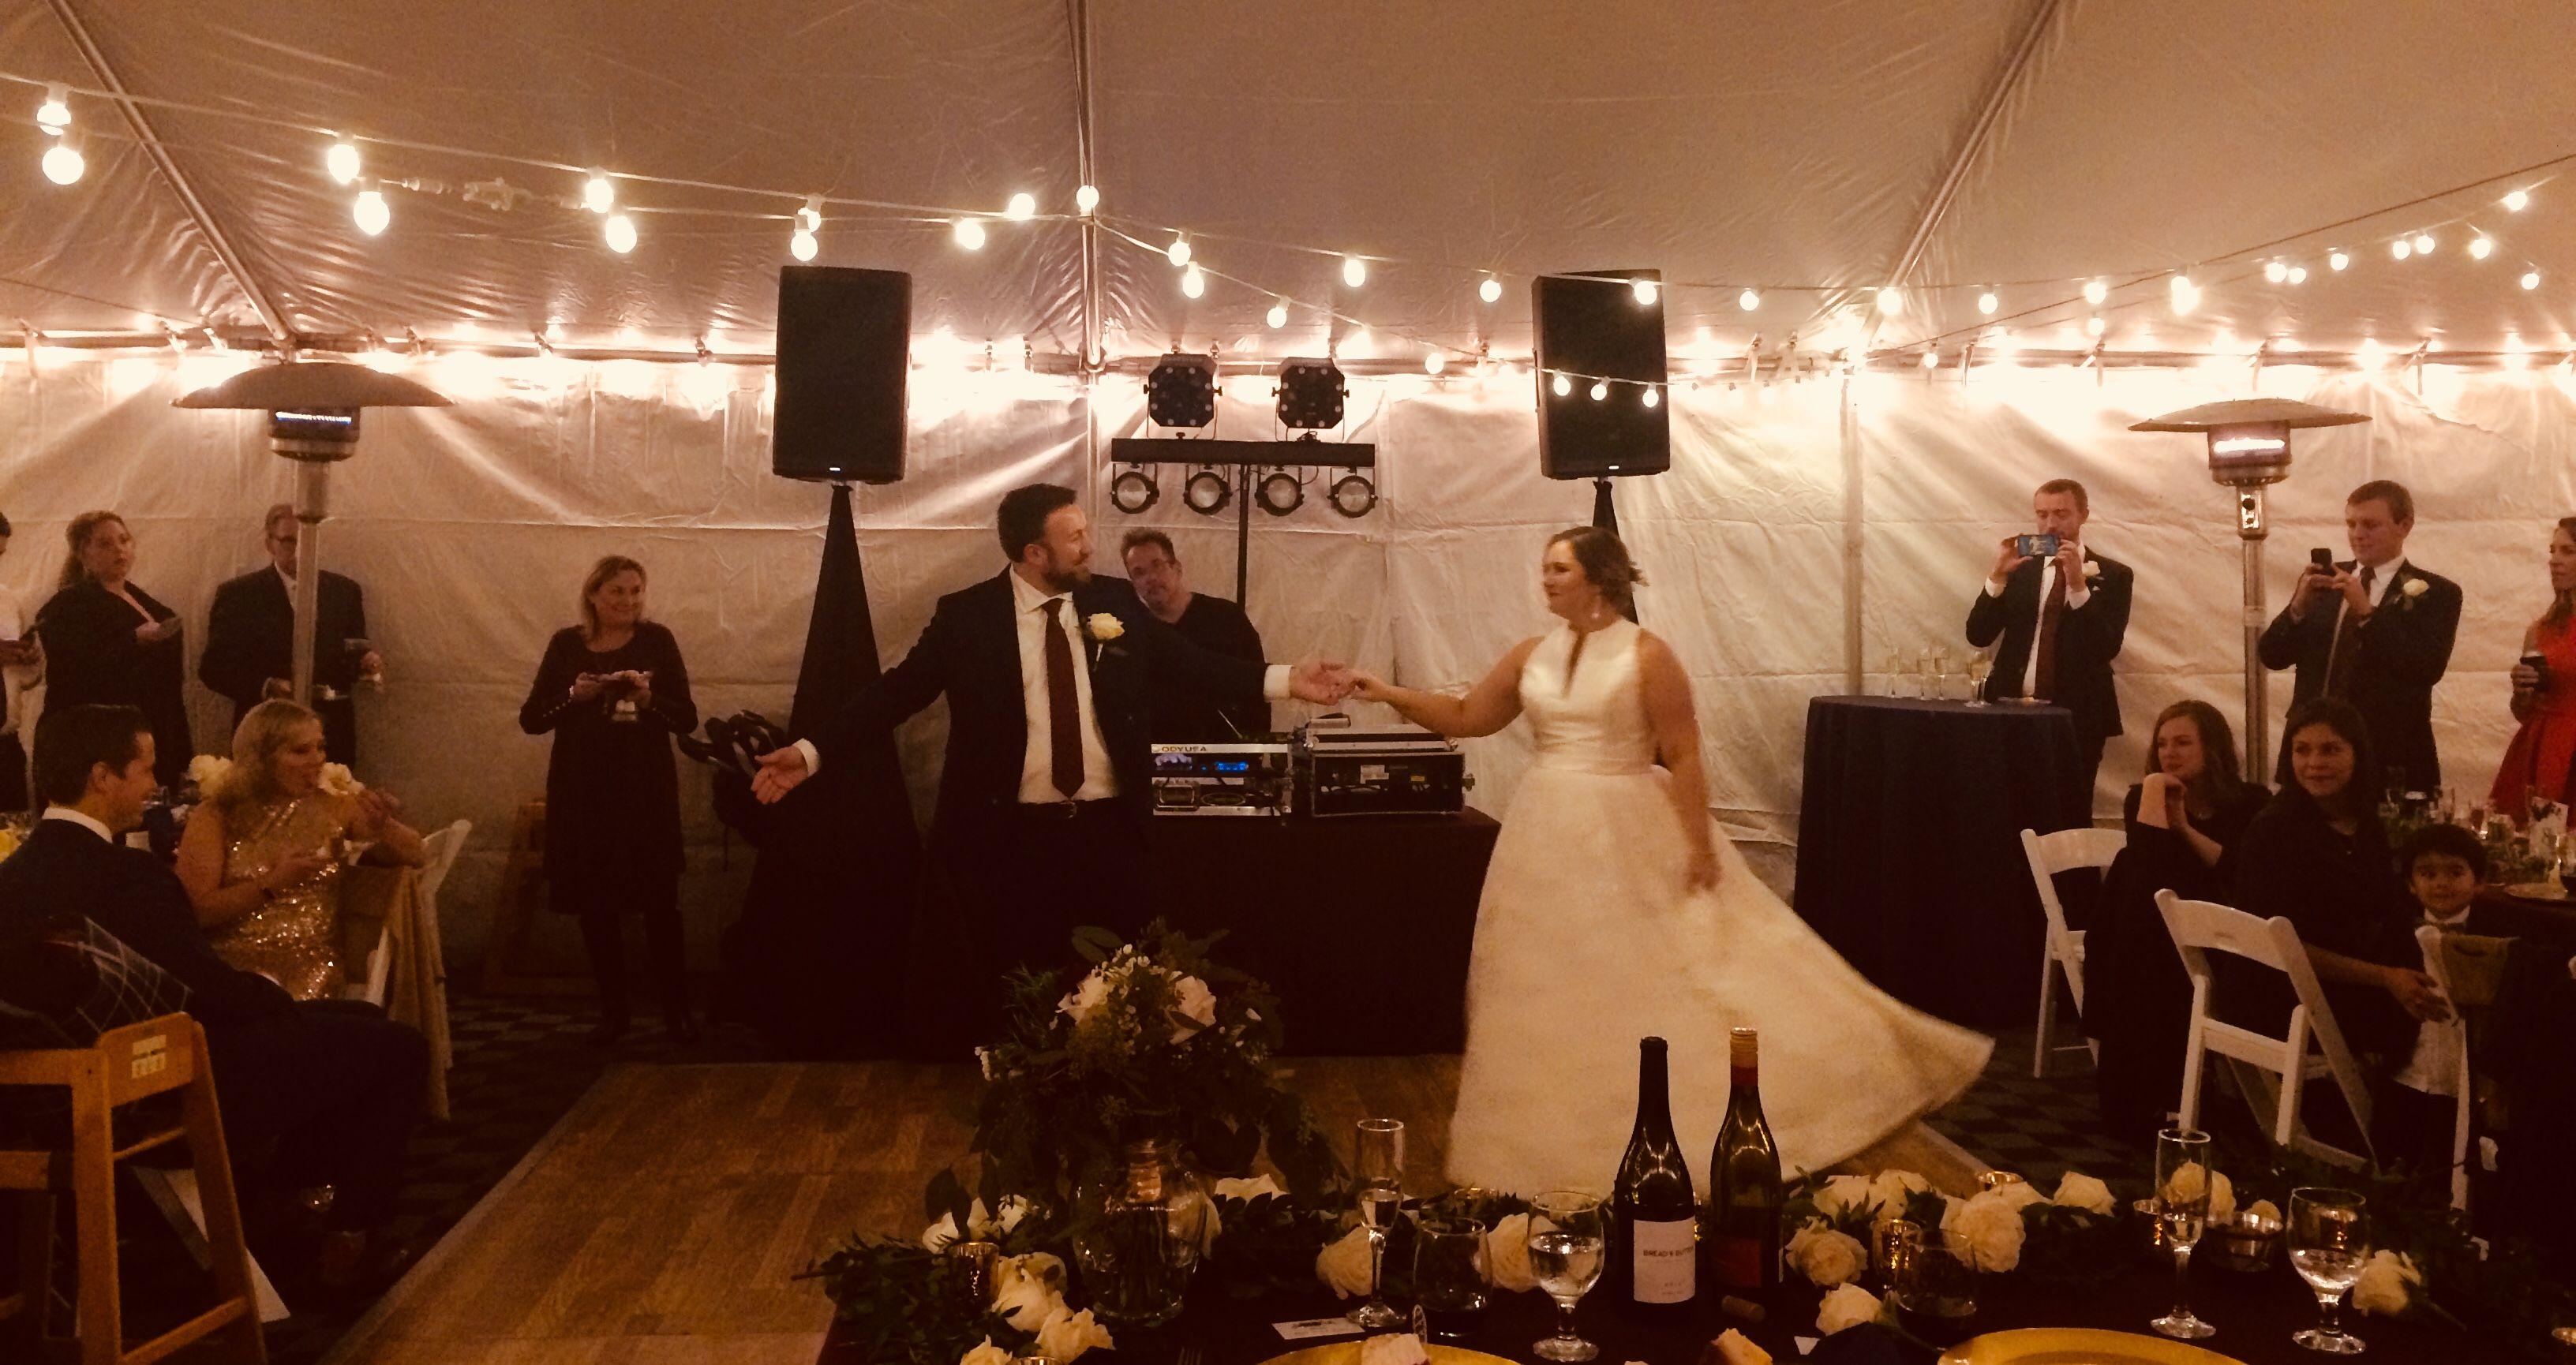 Backyard Tent Weddings In Houston Texas Affordable Wedding Planner Backyard Tent Wedding Tent Wedding